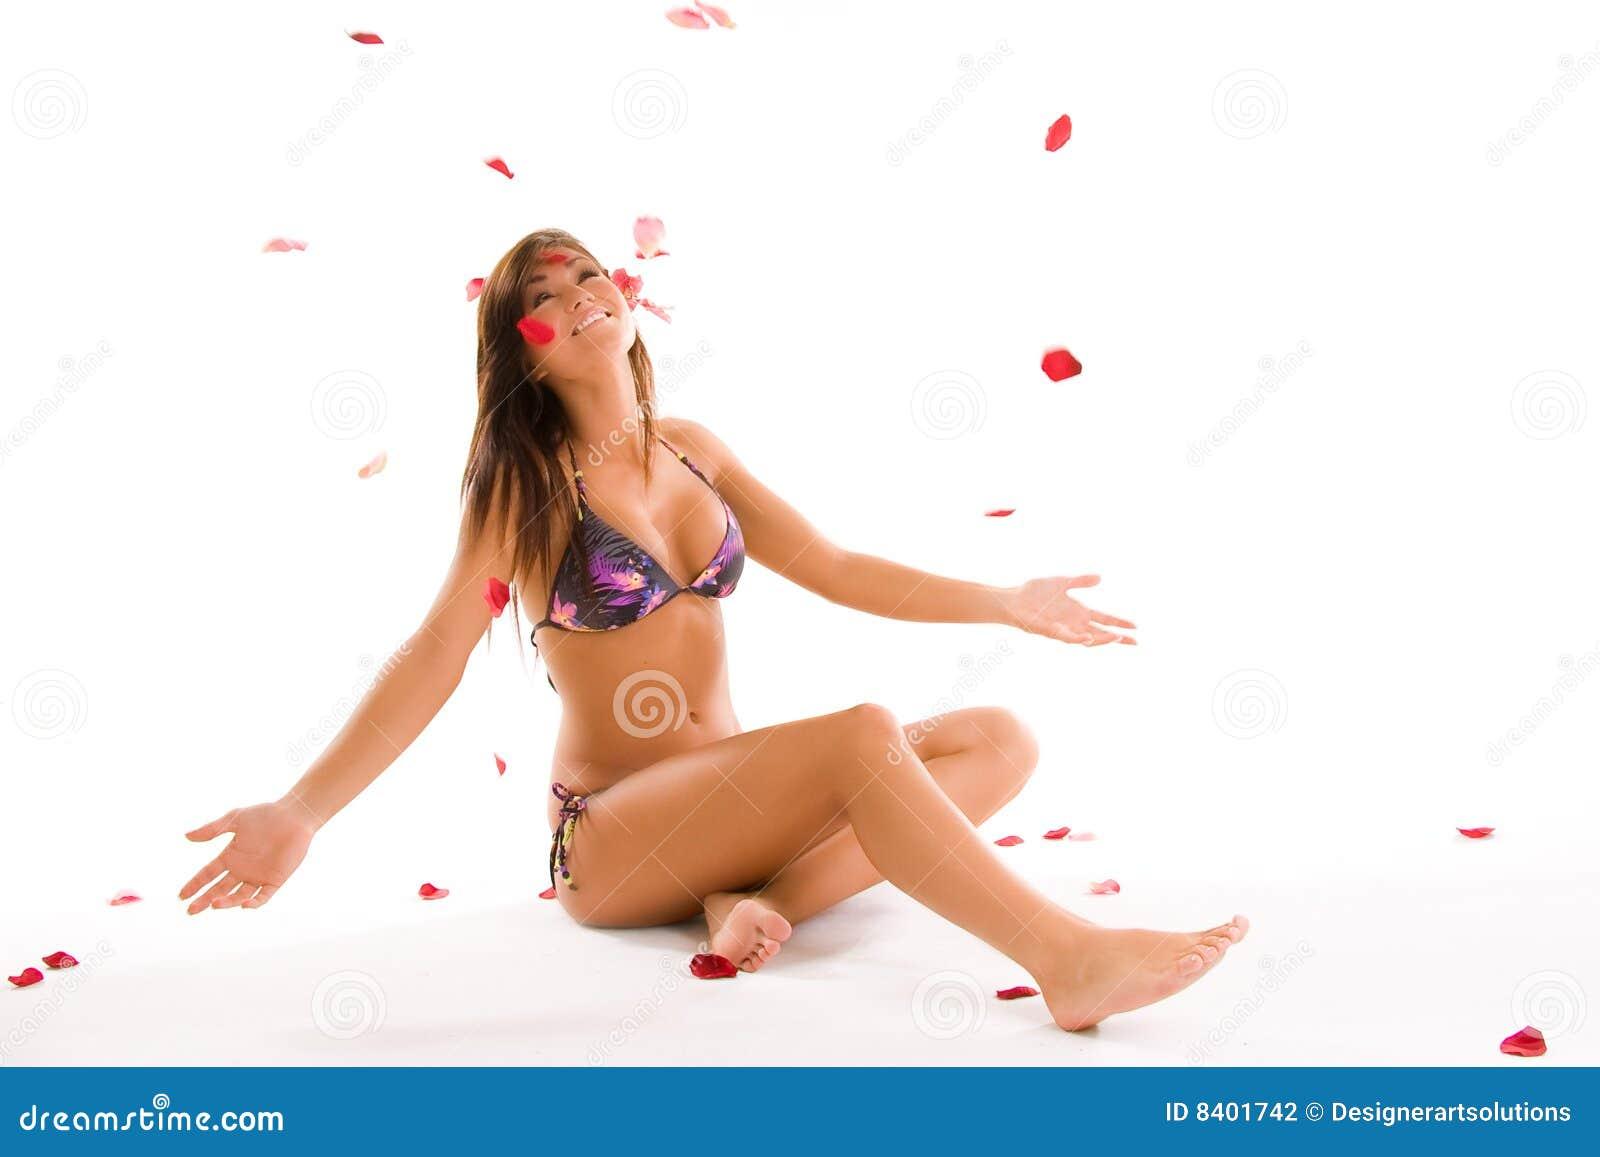 Bikini girl with rose petals